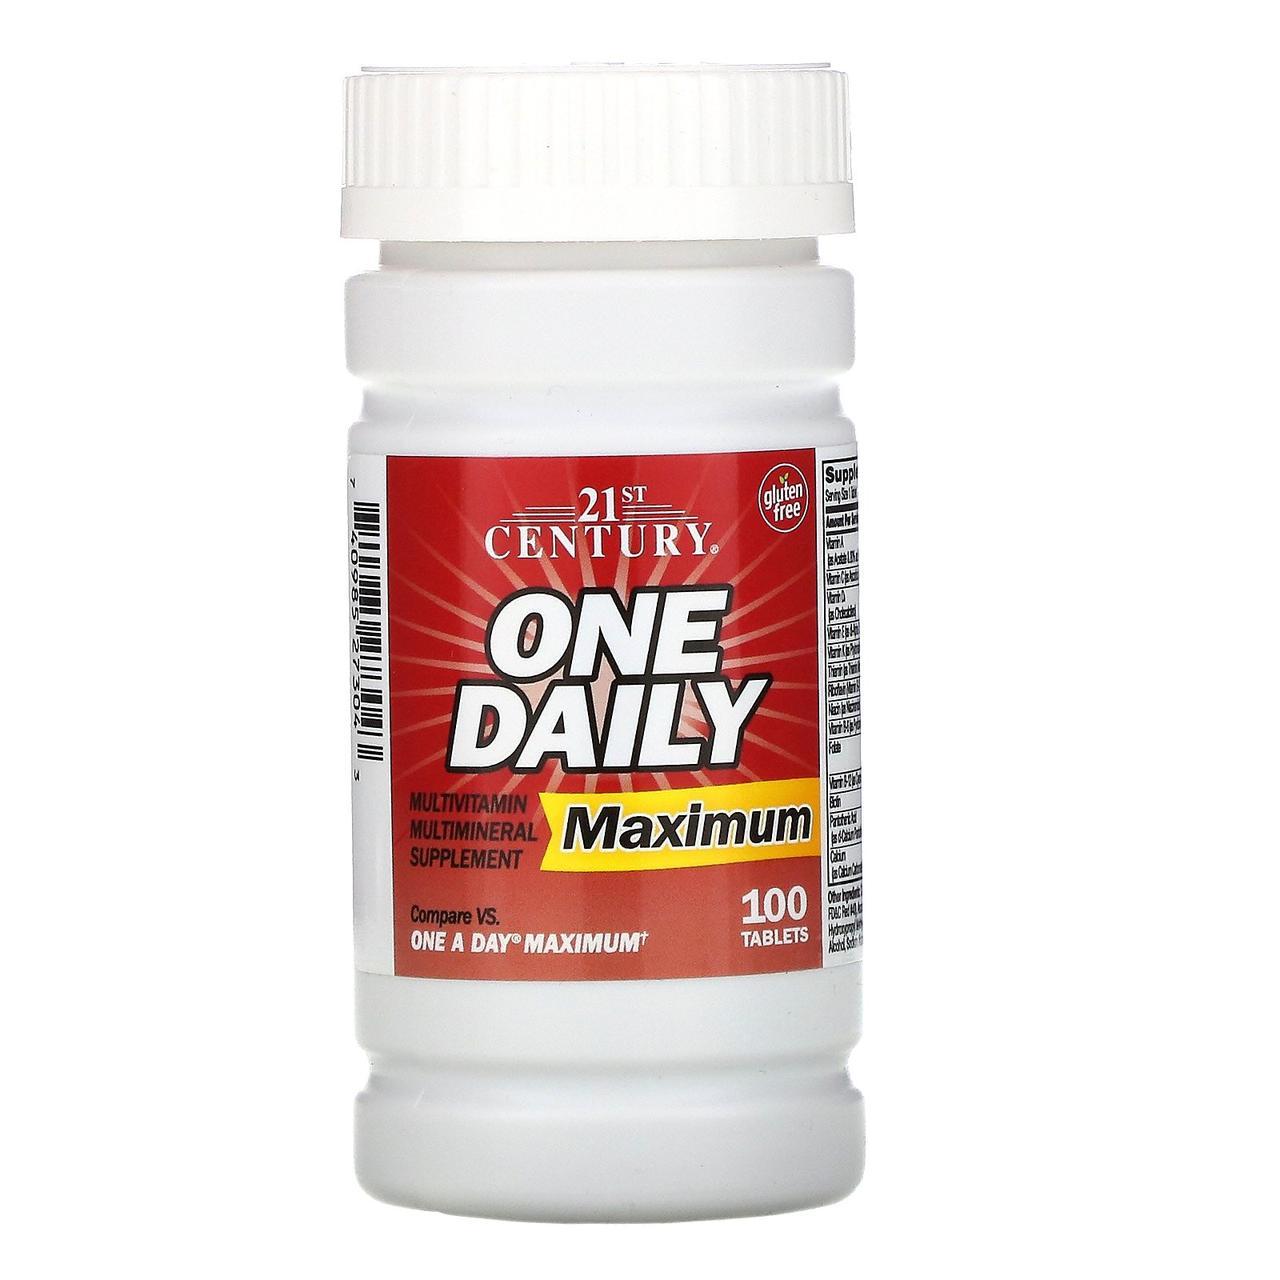 Комплекс мультивитаминов и минералов максимального действия, 100 таблеток, 21st Century, One Daily